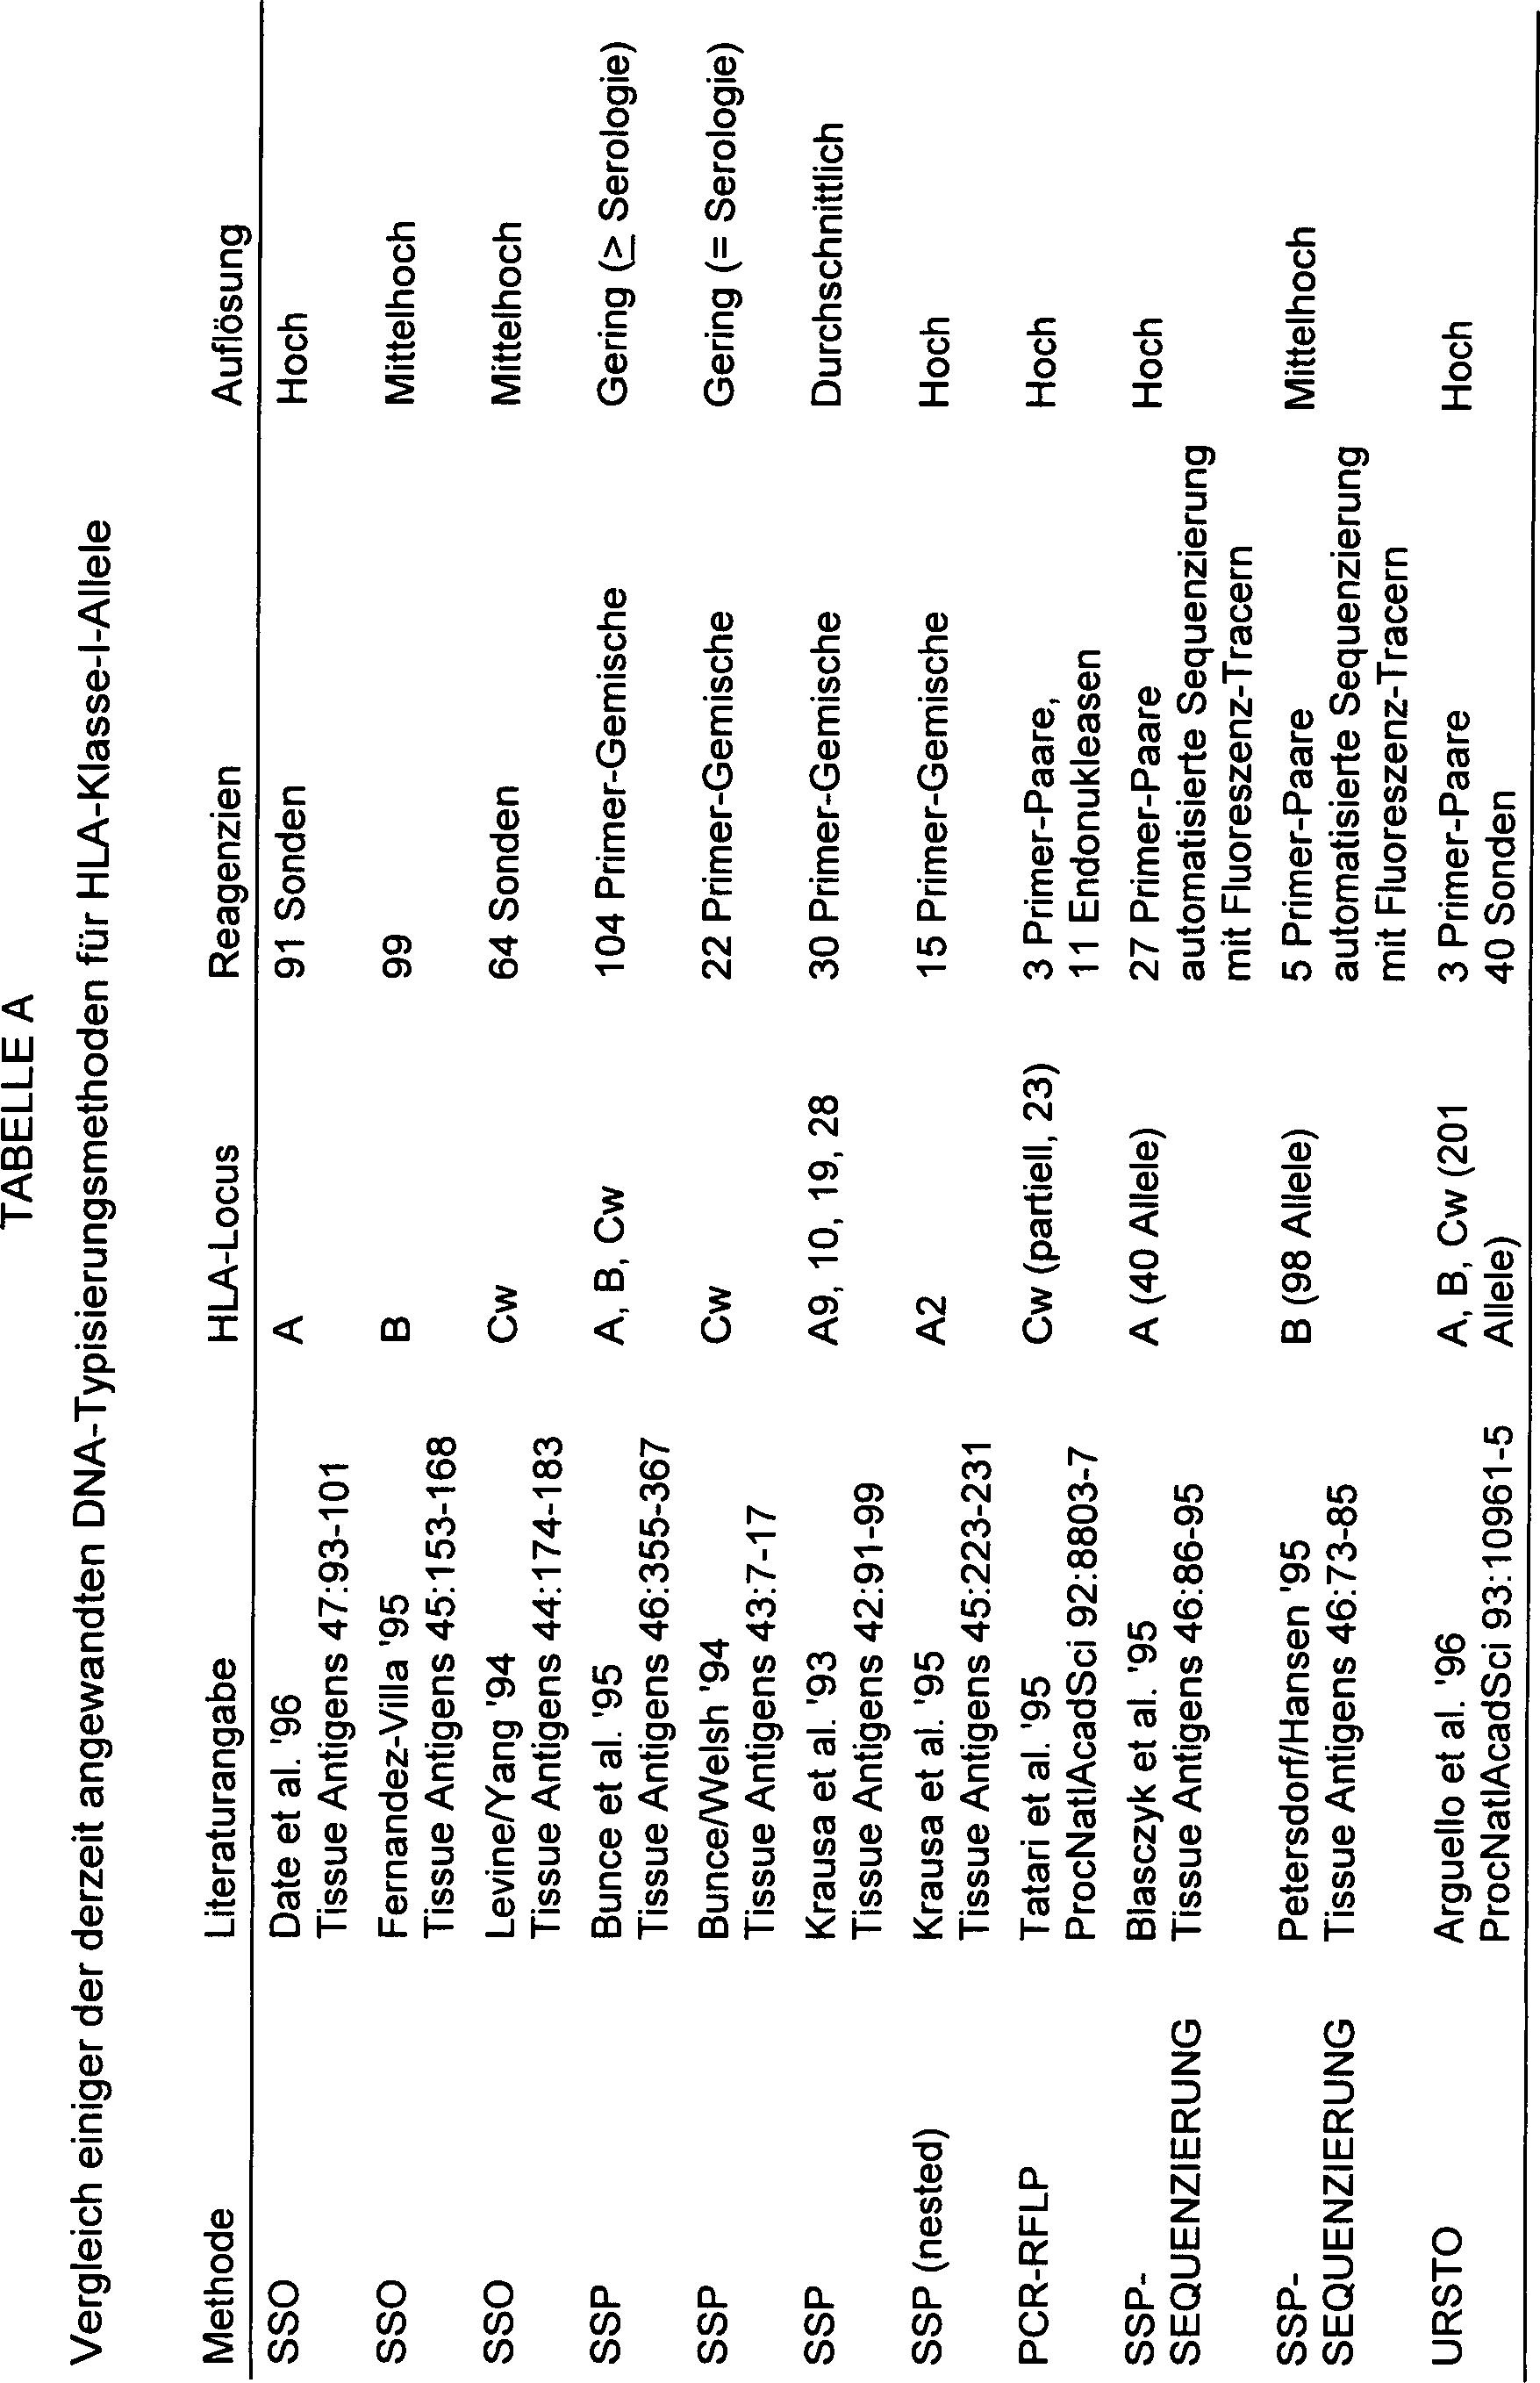 DE69628449T2 - Verfahren zur identifizierung unbekannter allele ...